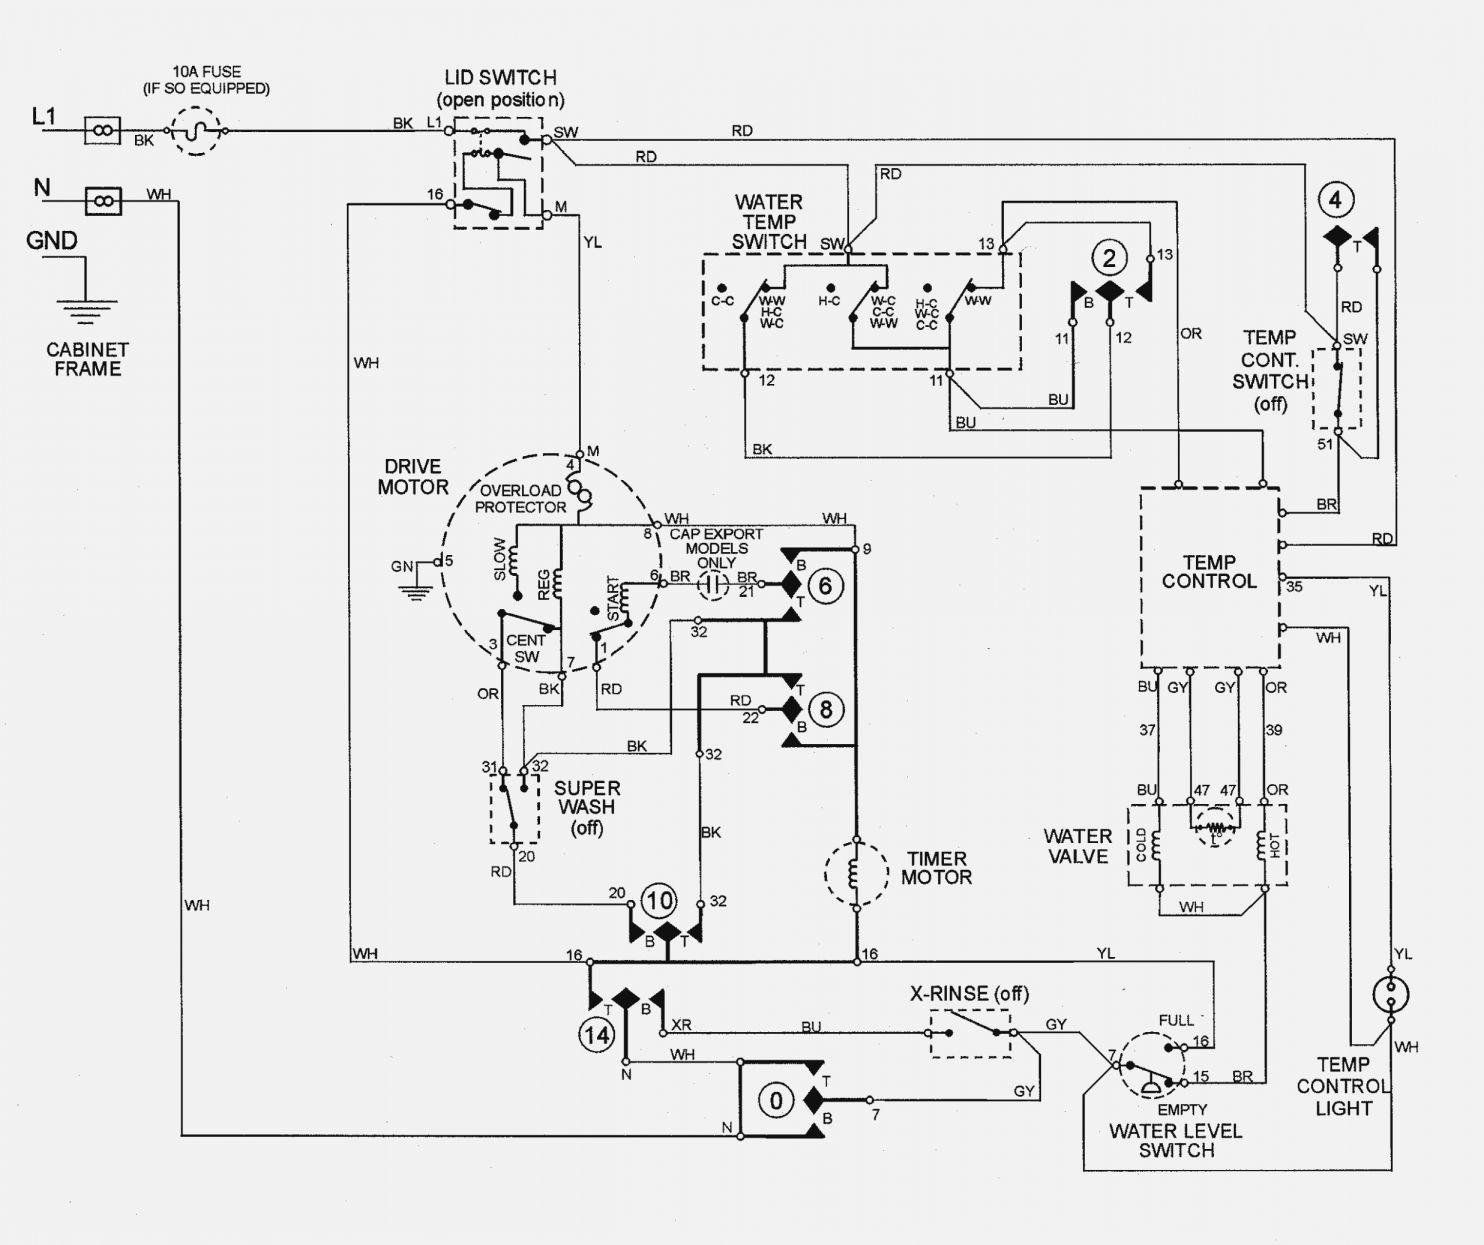 emerson ecm motor wiring diagram 3 0 ge motor wiring diagram wiring diagram data  ge motor wiring diagram wiring